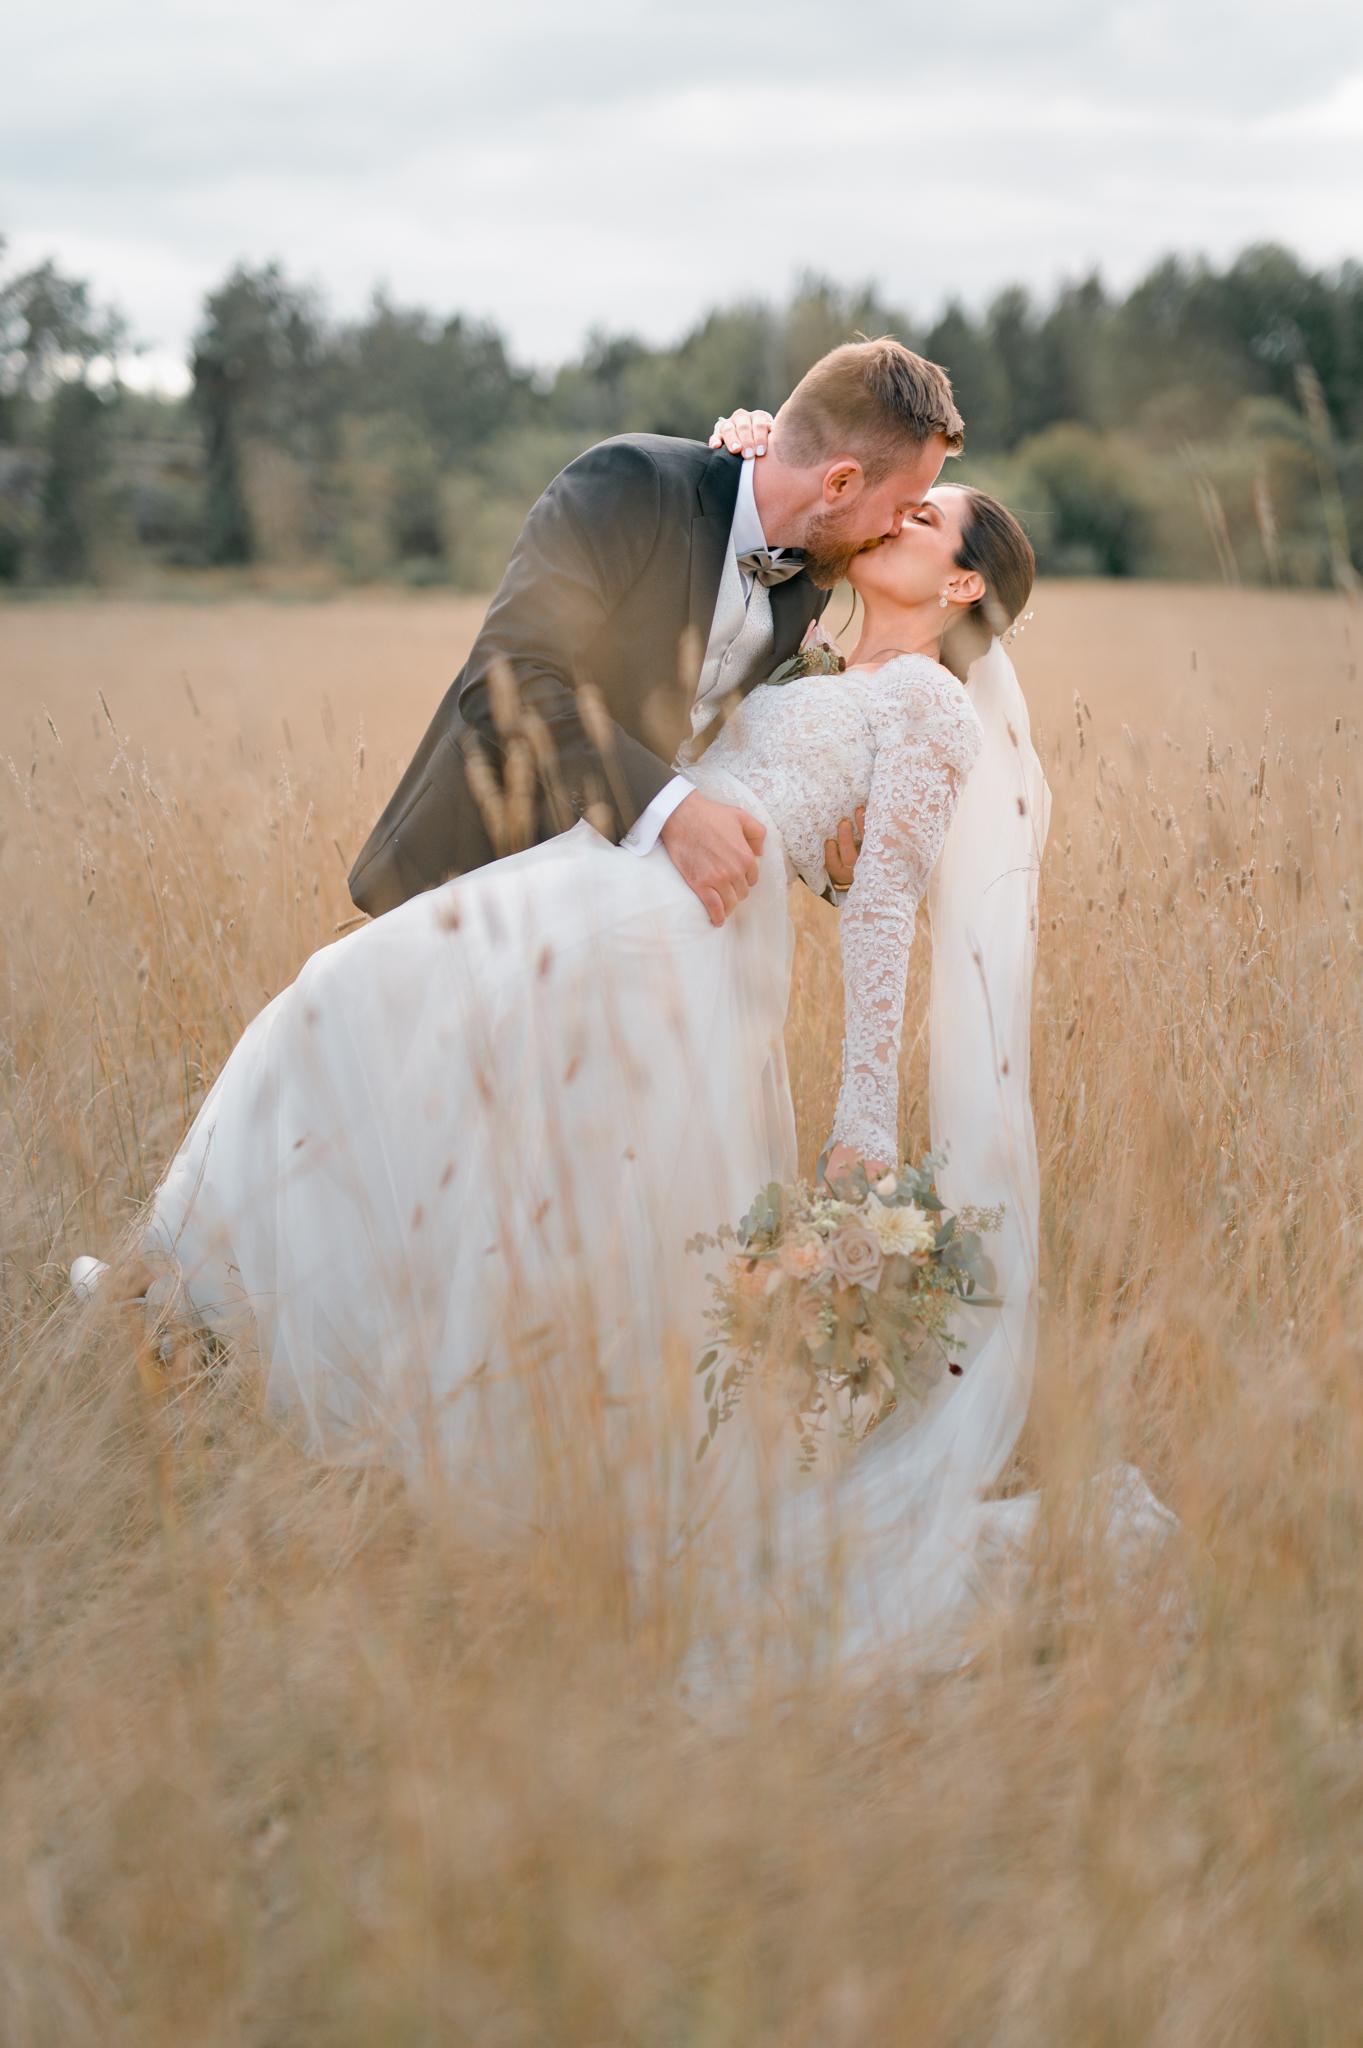 Bröllopsfotografering, bröllopsporträtt, bröllopsfotograf, bröllopsfoto stockholm, bröllopsfotograf Skåne, bröllopsfotograf Stockholm, bröllopstips, tips bröllop, bröllopsdukning, bröllop färgtema, bröllop inbjudan, bröllopsfotograf rekommendation.